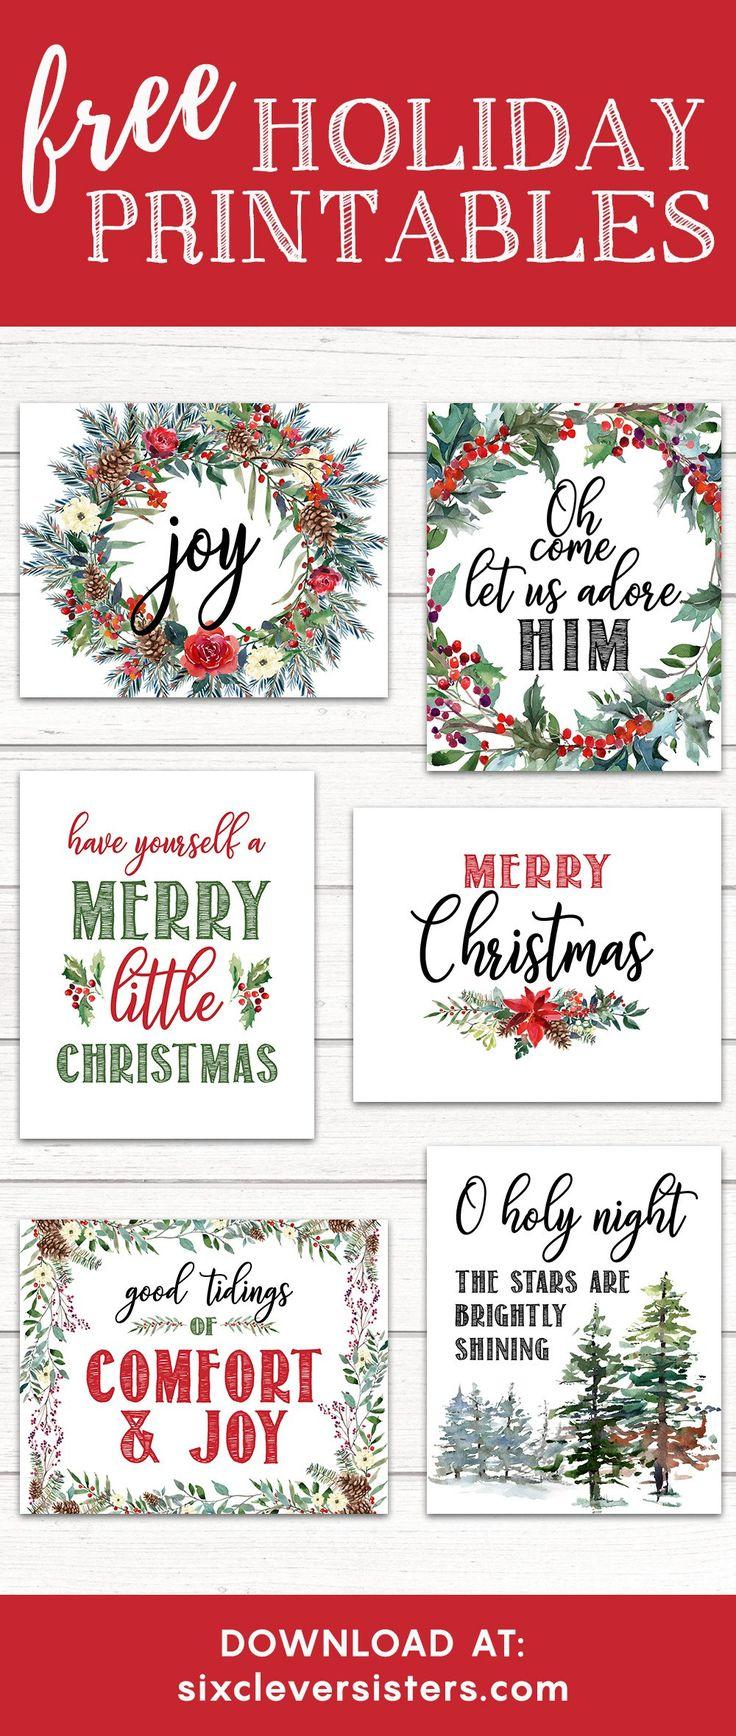 Free Printable Merry Christmas Banner - make your own Merry Christmas banner! Our floral evergreen design is the perfect rustic Christmas decor this season!